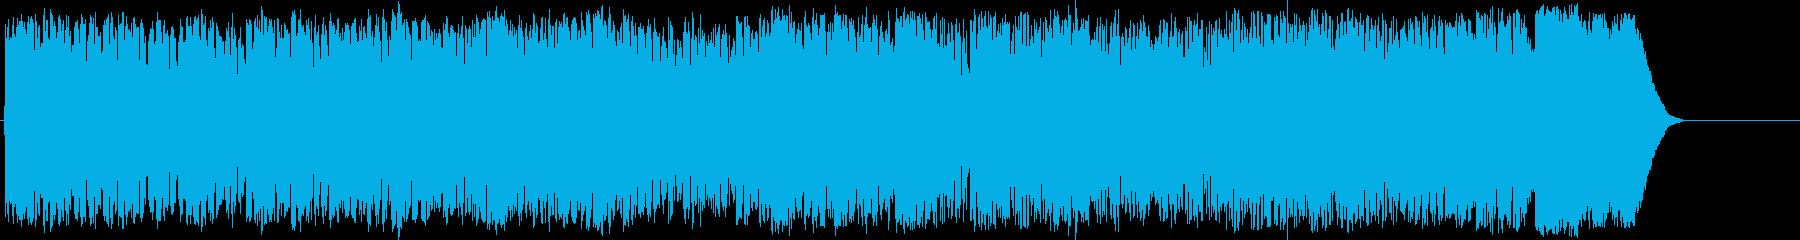 淡々 不思議 科学 宇宙 奇妙の再生済みの波形